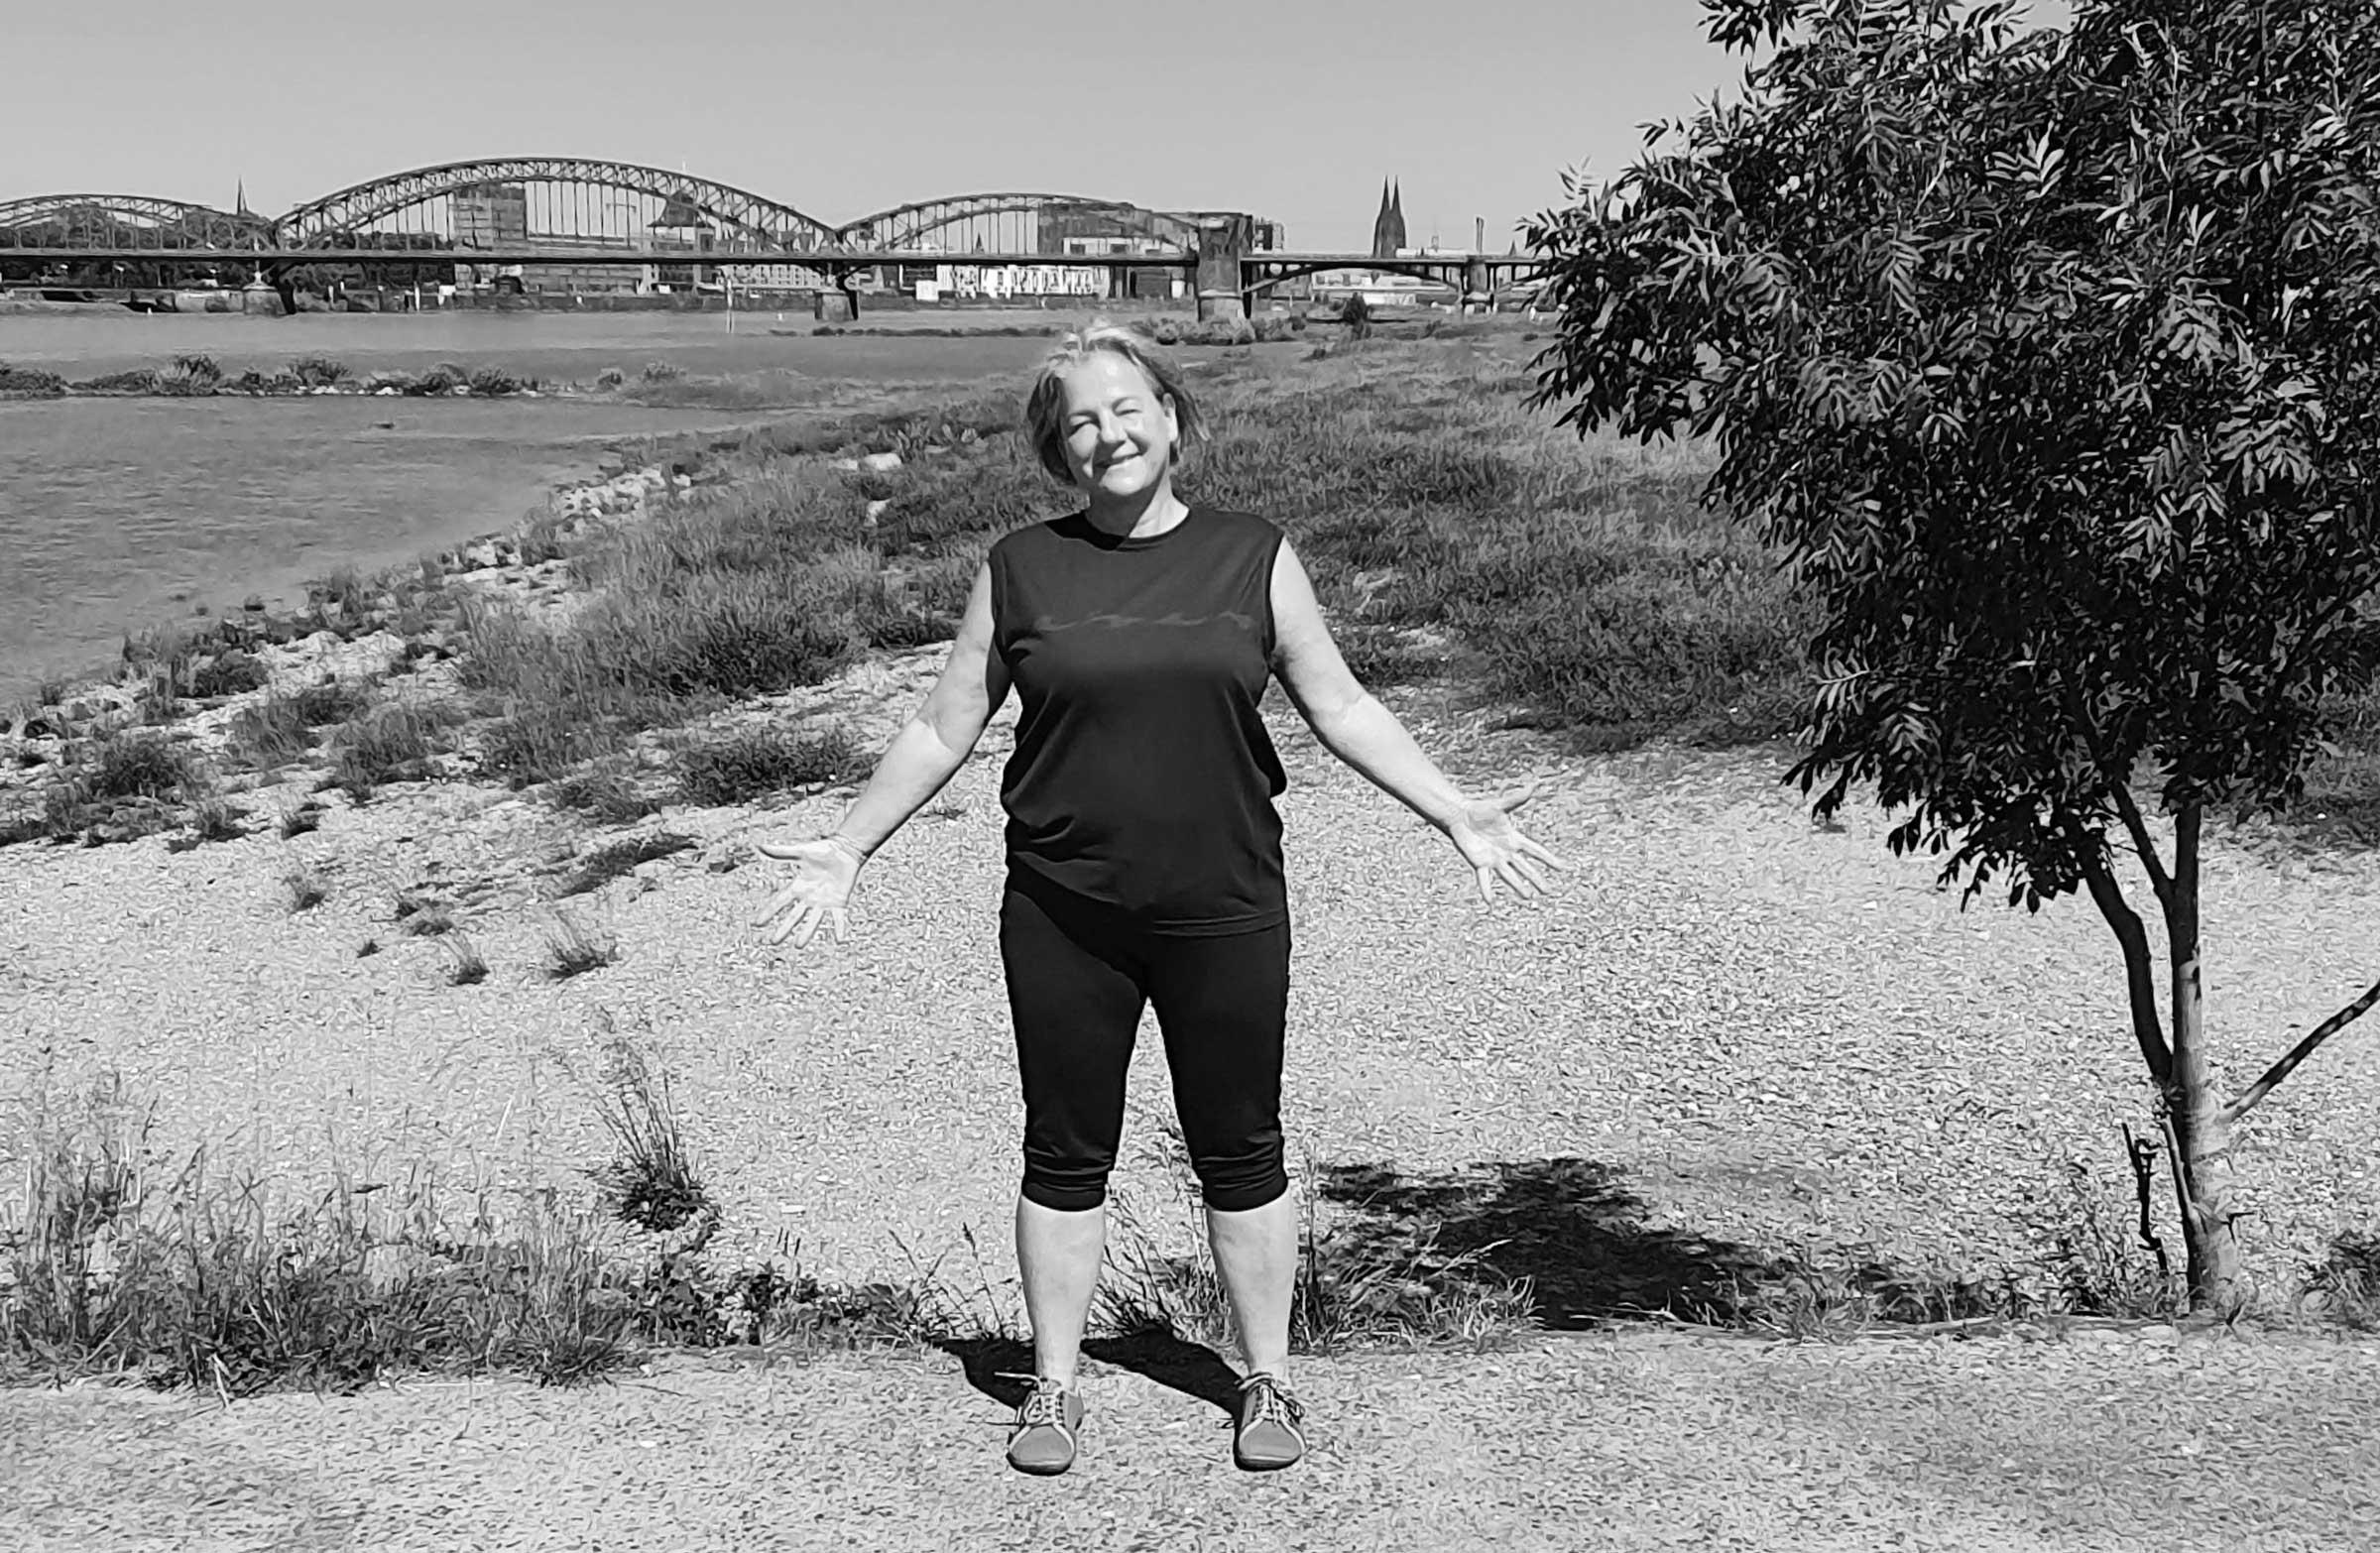 Brigitte Heinz